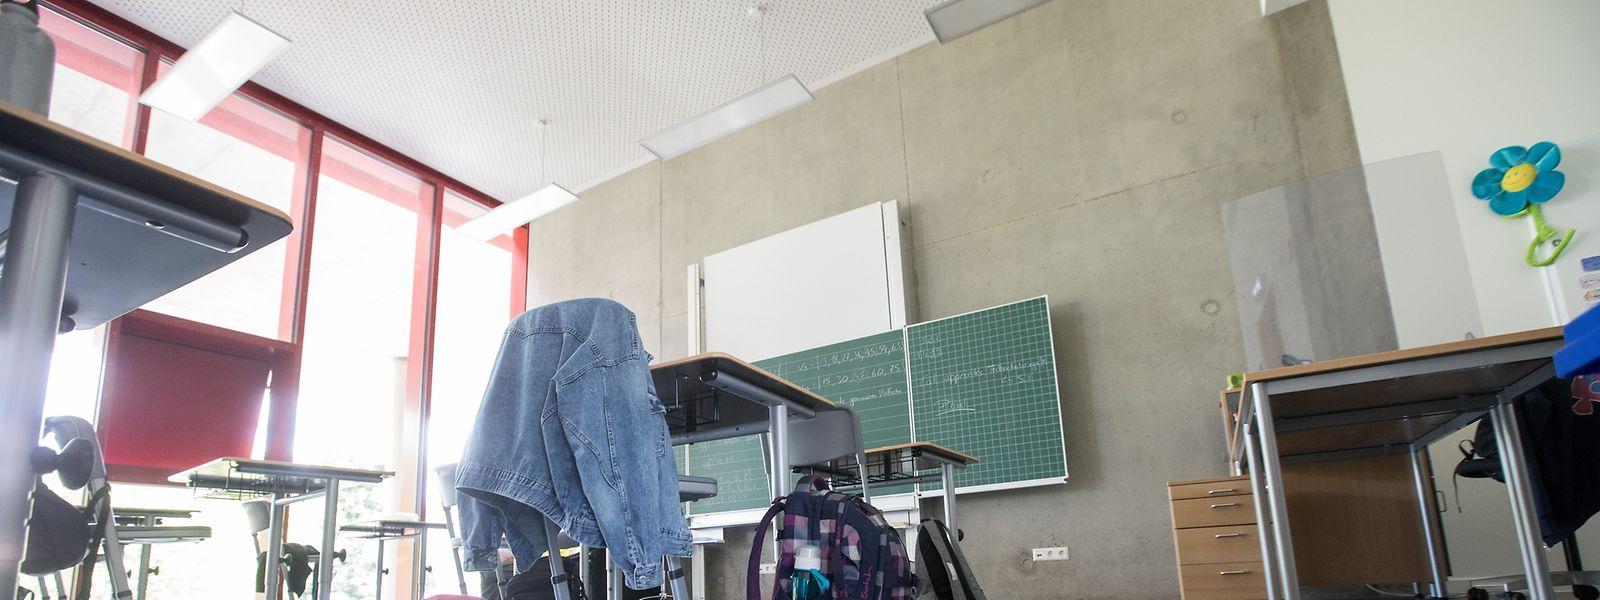 In den Grund- und Sekundarschulen fehlt es coronabedingt an Schulpersonal.